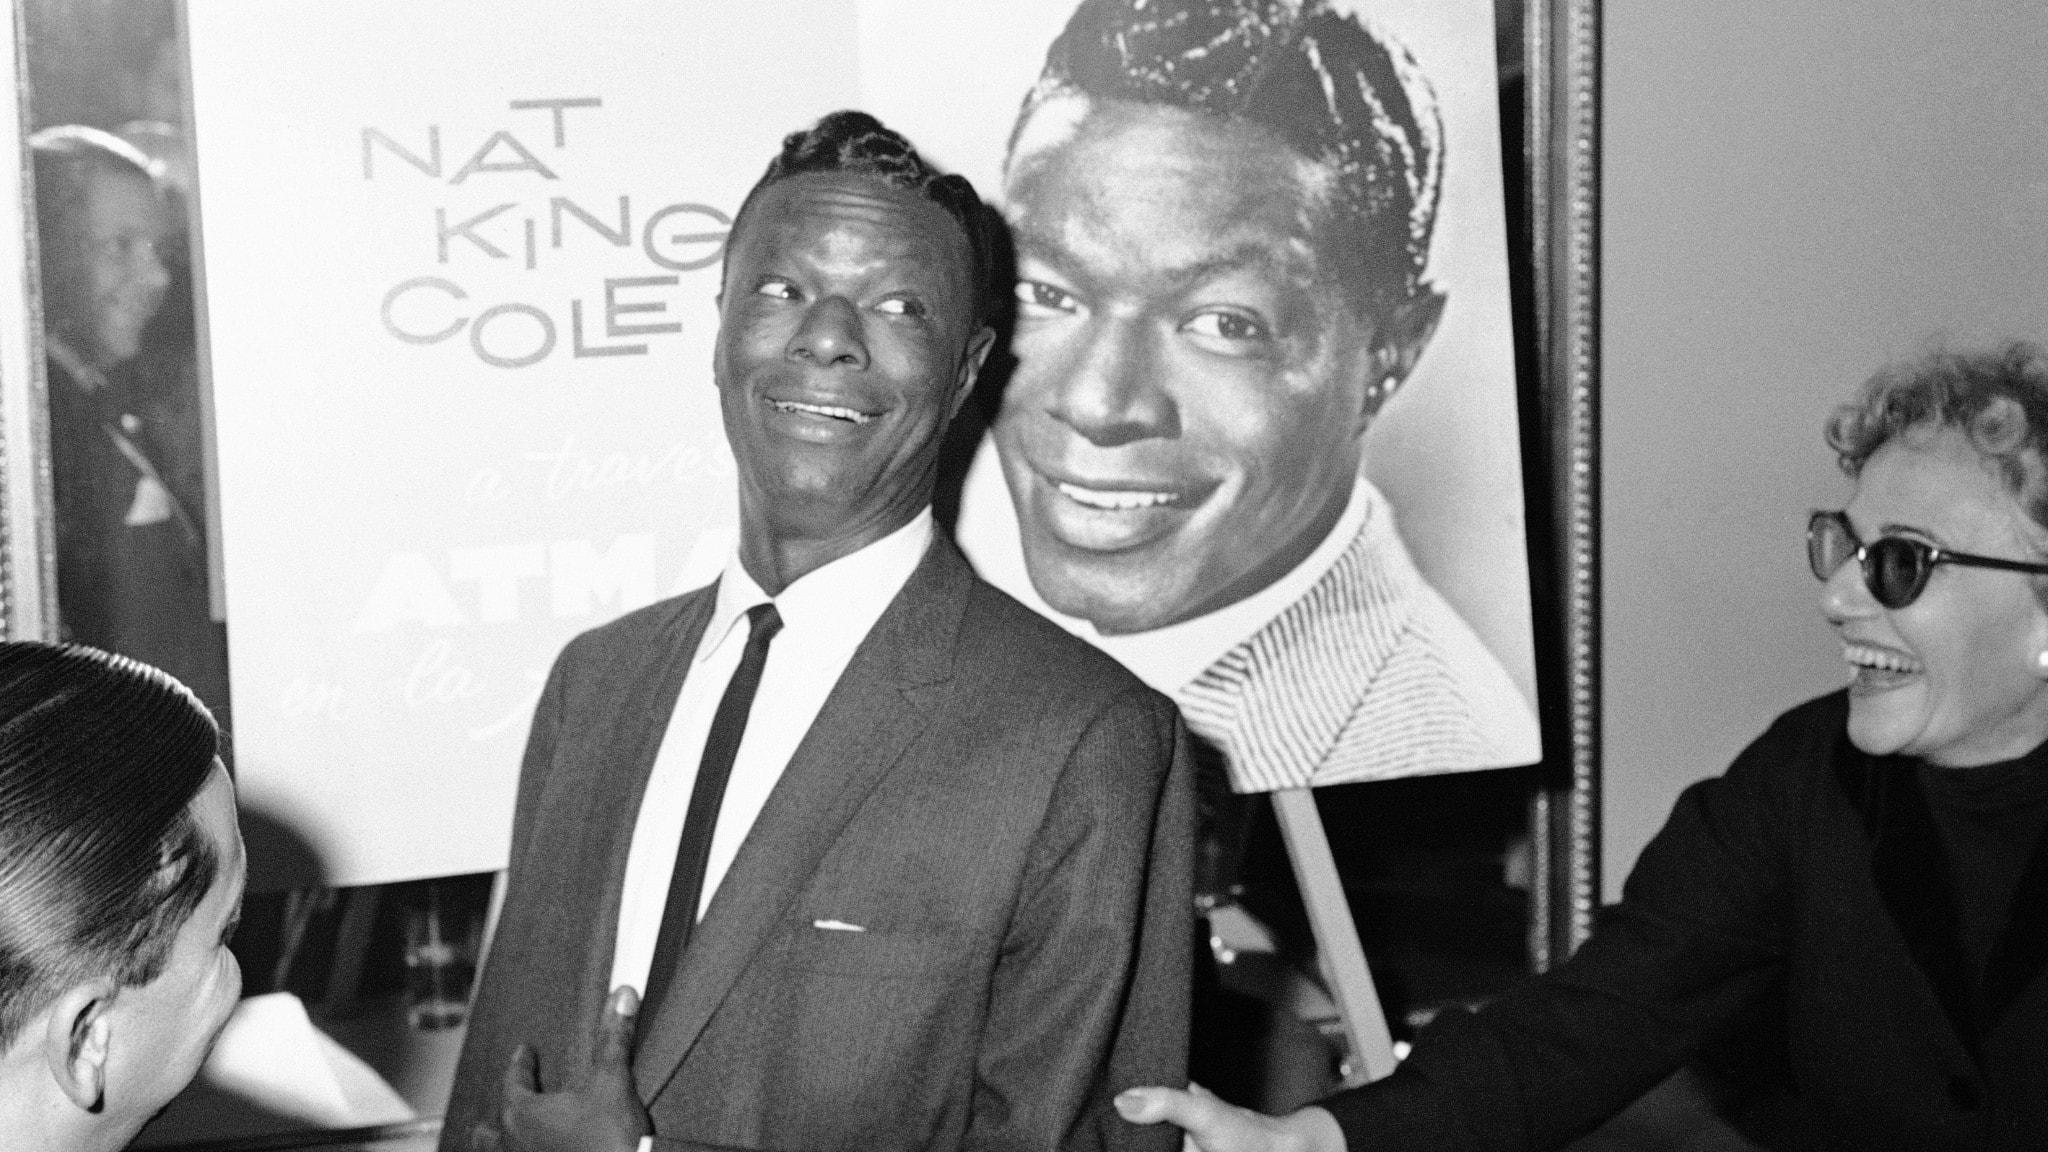 Nat King Cole framför en skylt med hans namn.